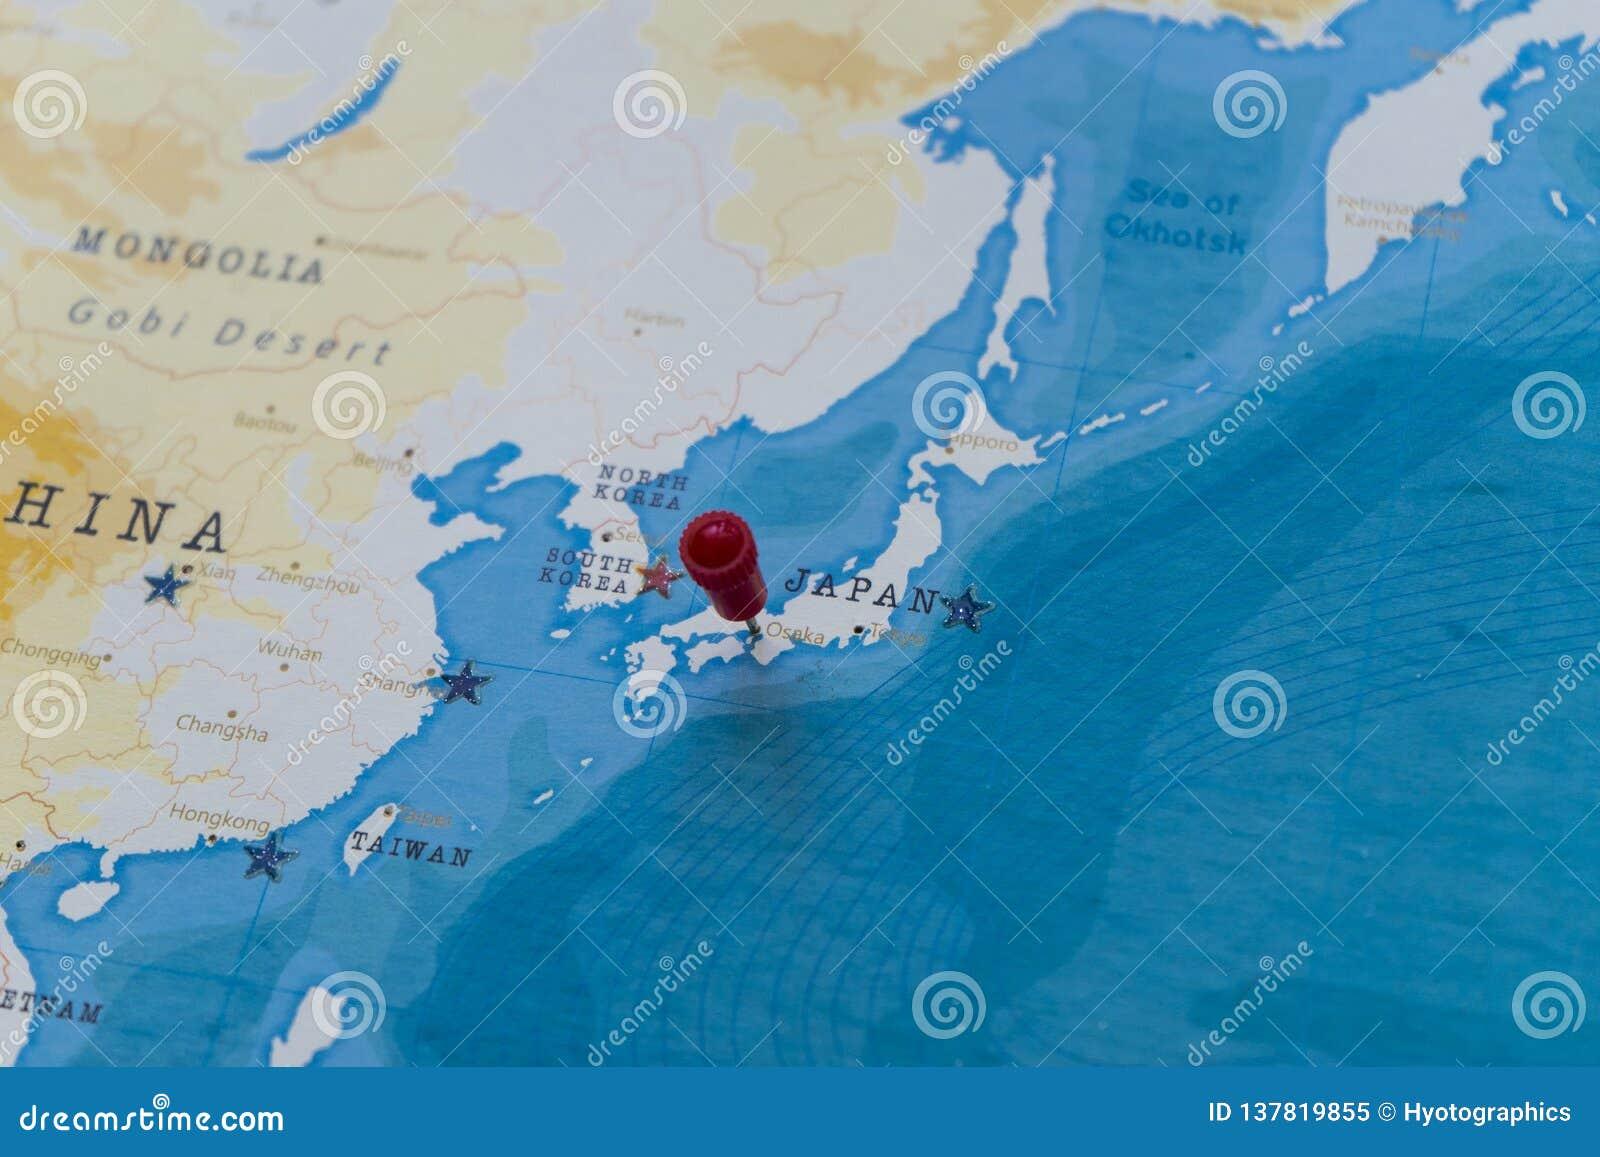 Μια καρφίτσα στην Οζάκα, Ιαπωνία στον παγκόσμιο χάρτη